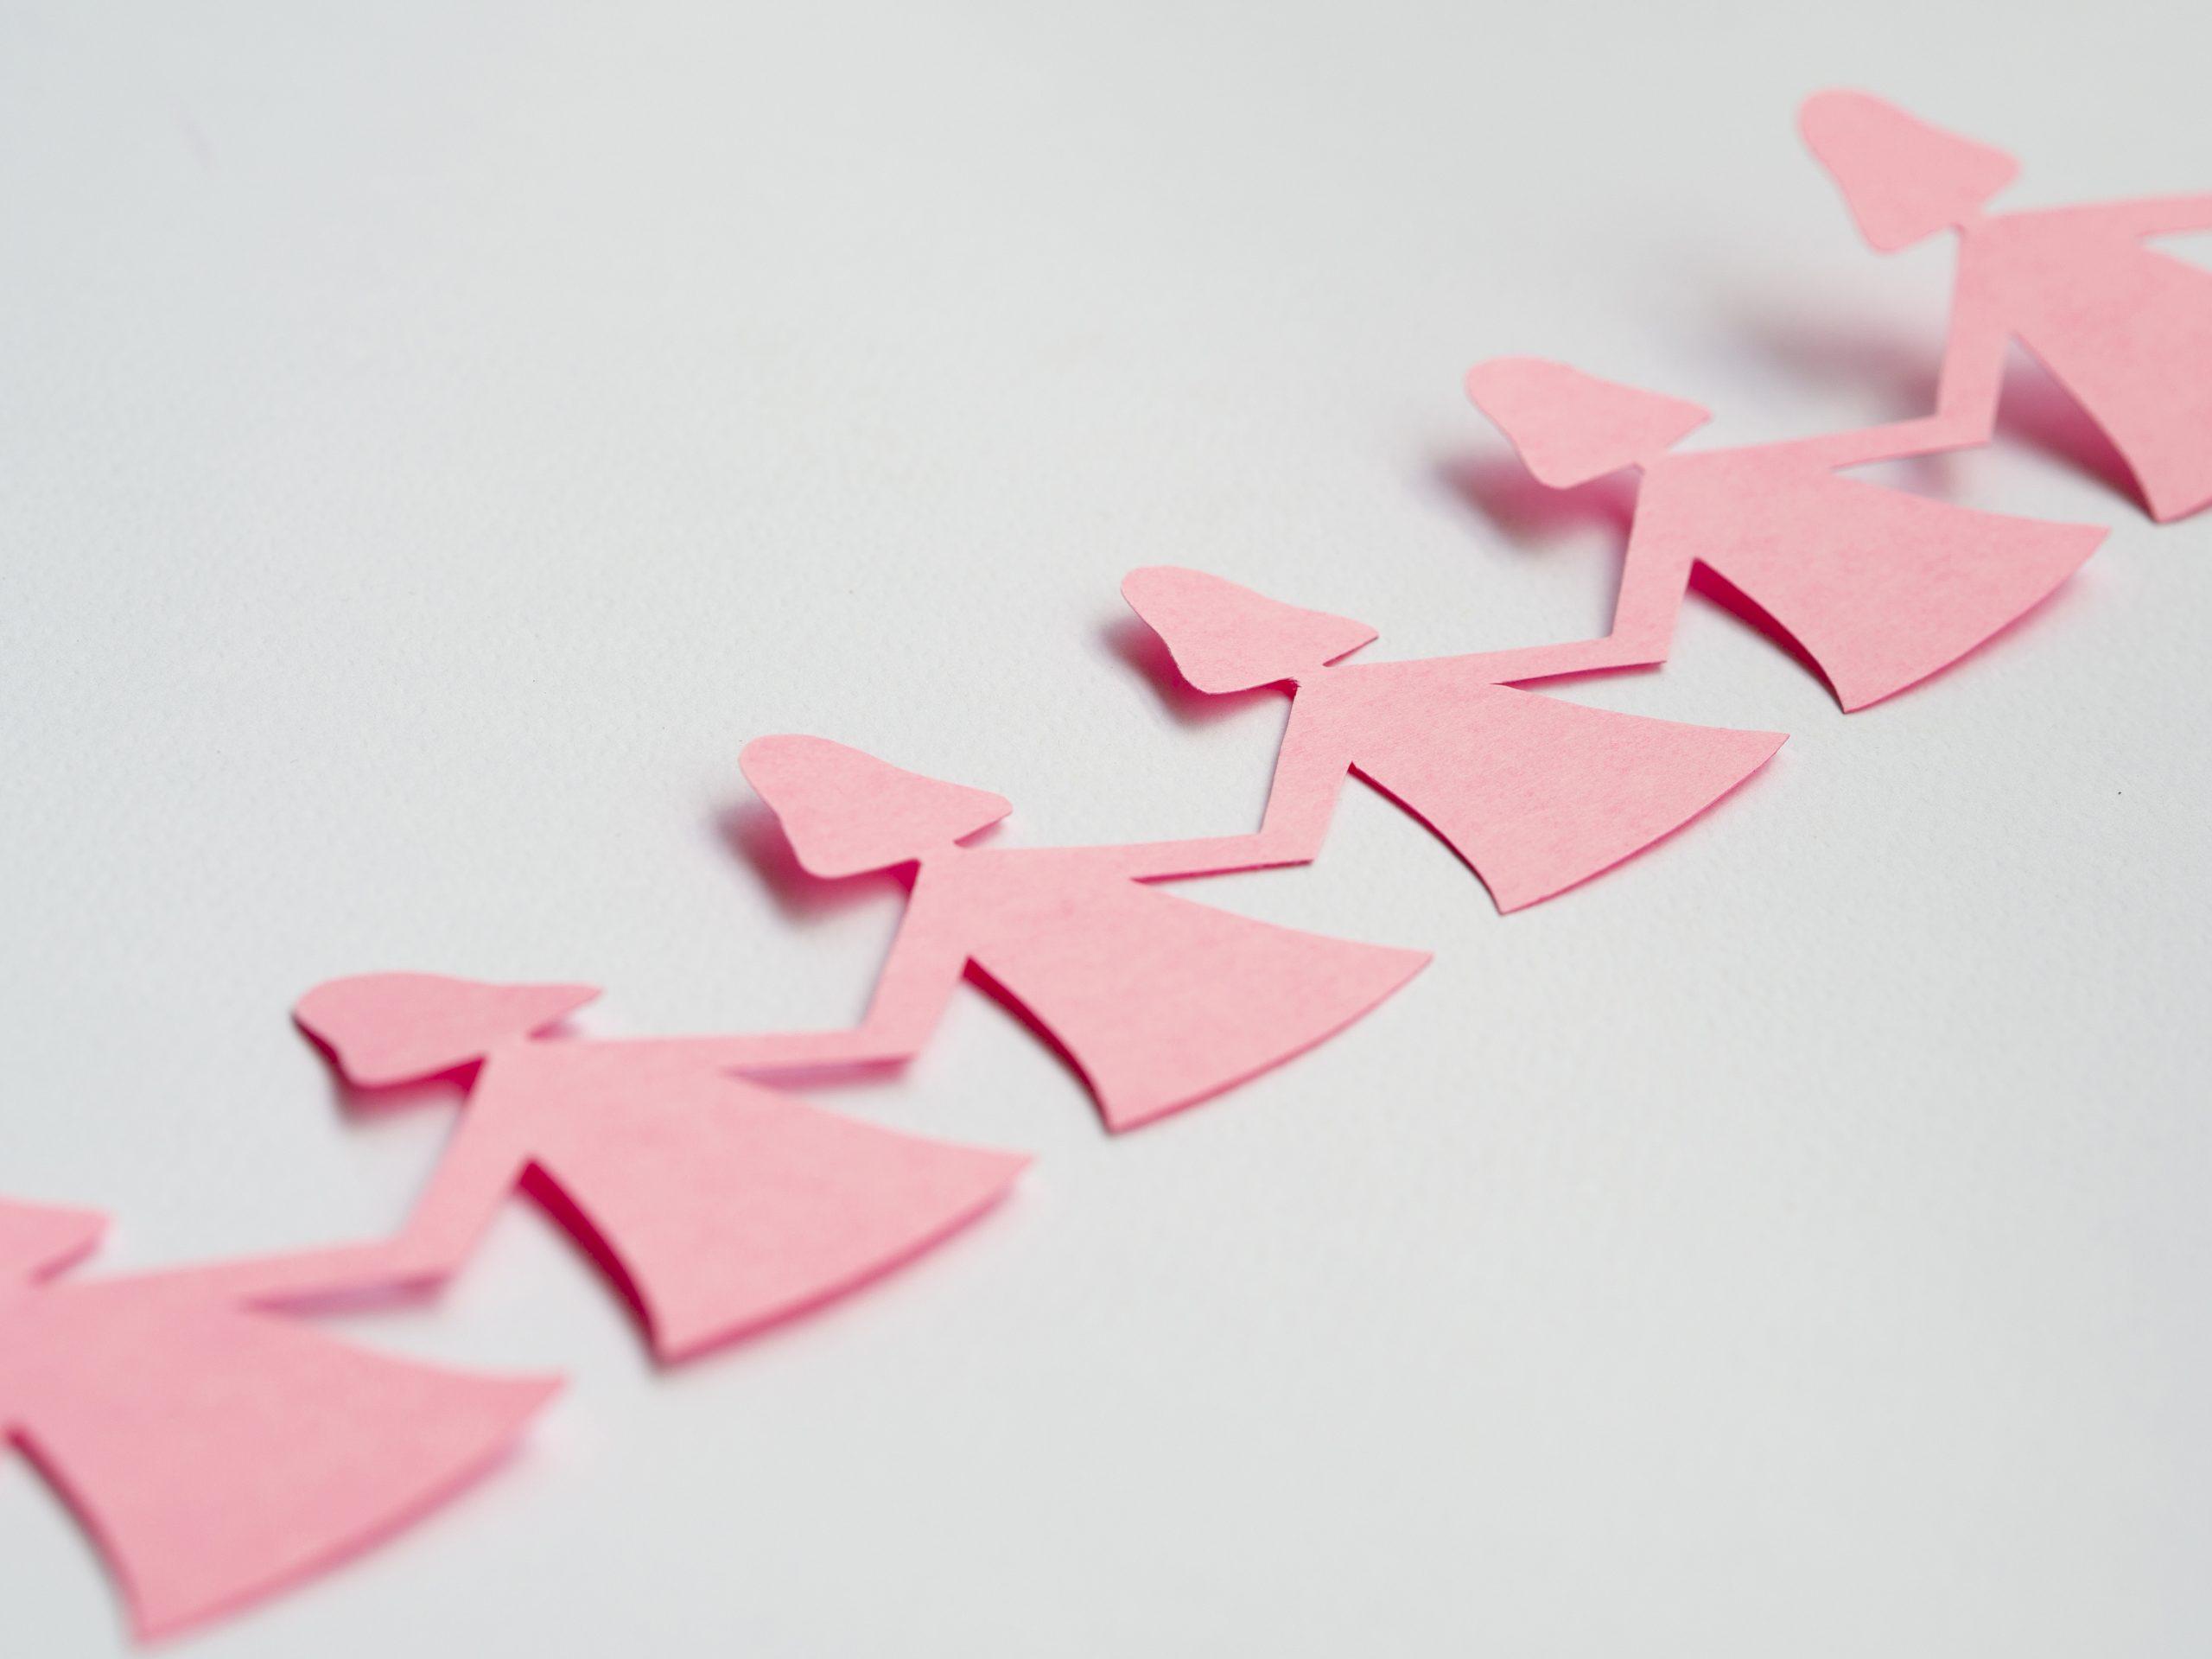 Recorte em um papel rosa representando várias mulheres de mãos dadas